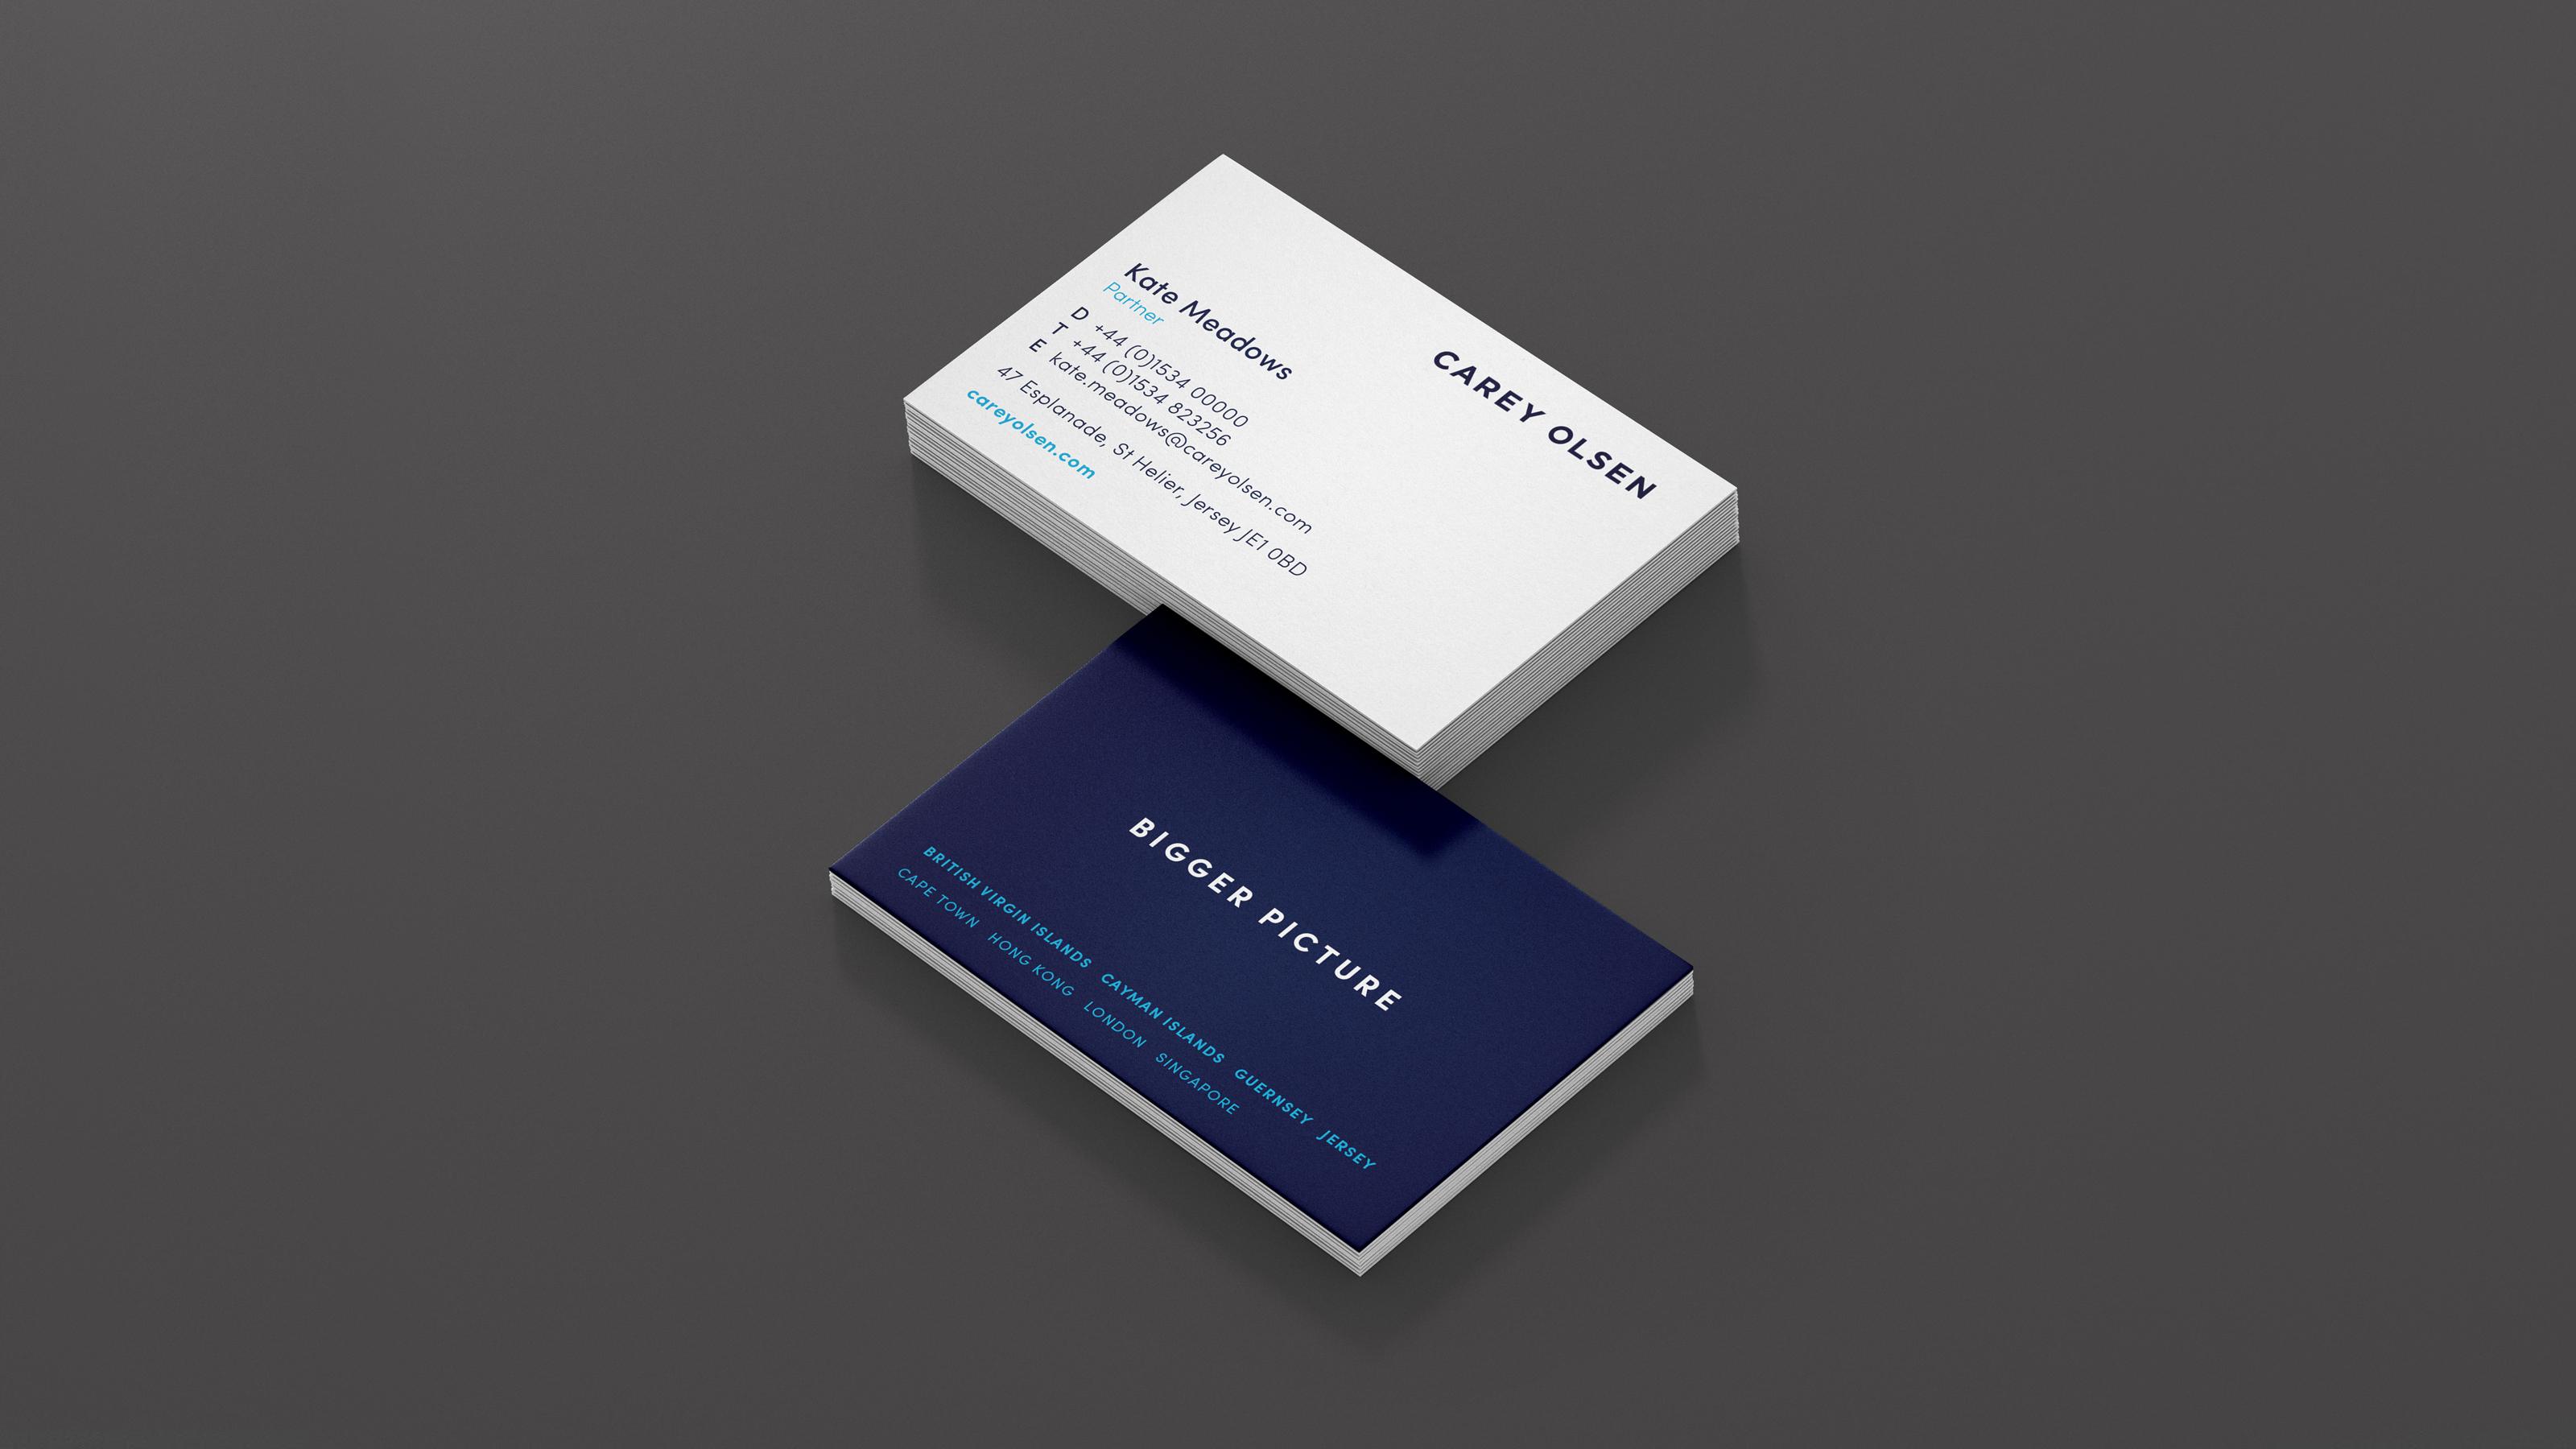 Carey Olsen Business Card